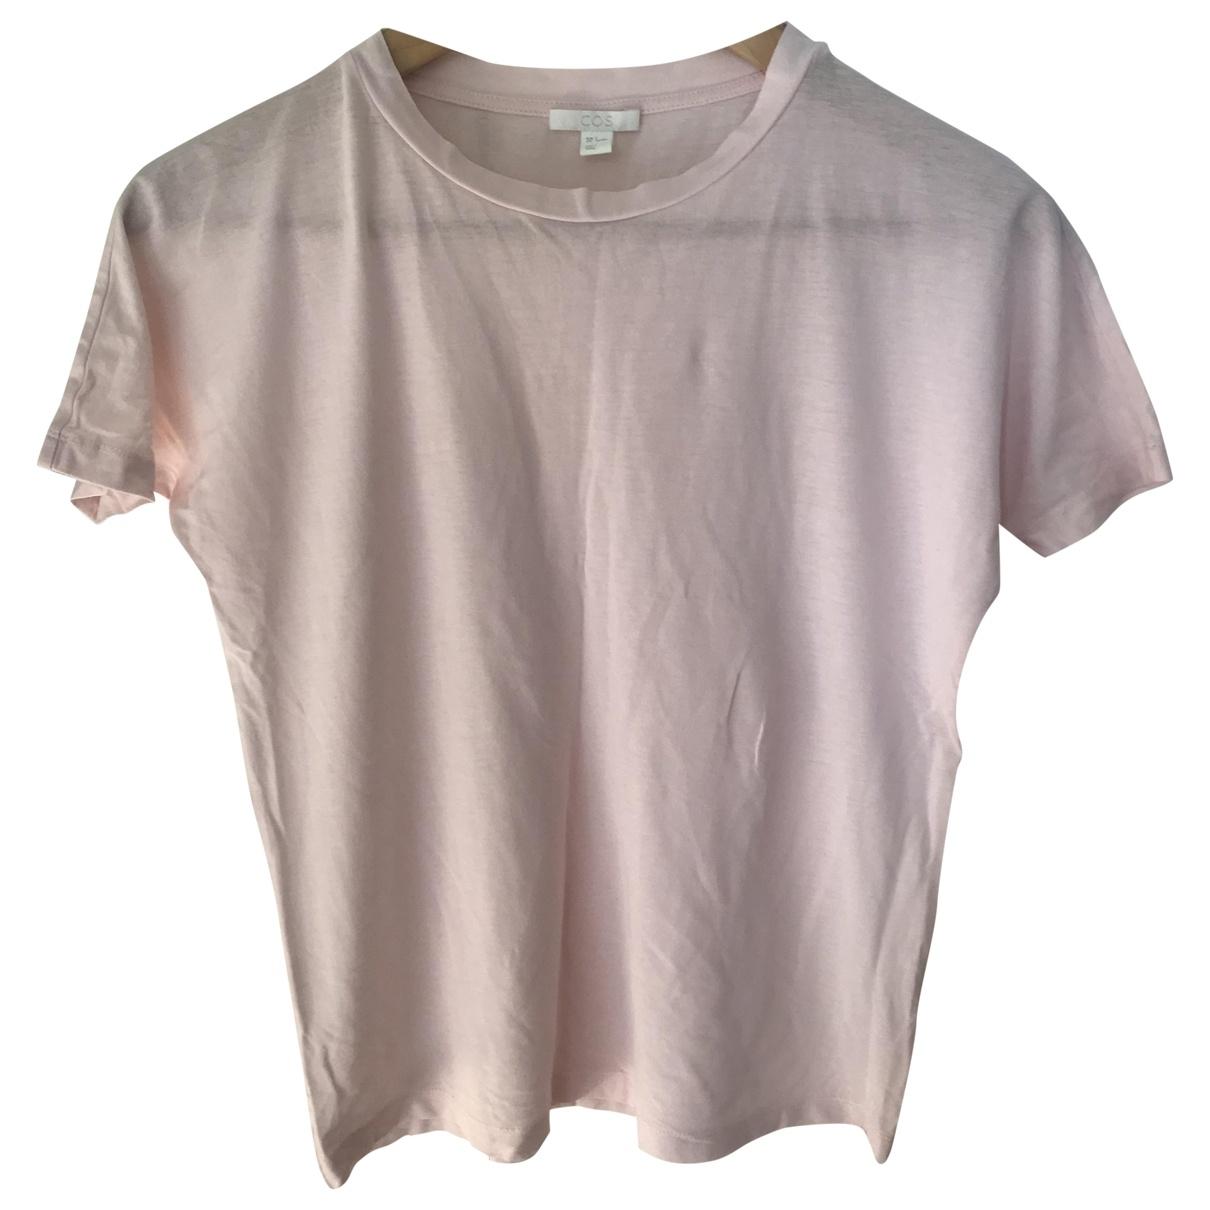 Cos - Top   pour femme en coton - rose